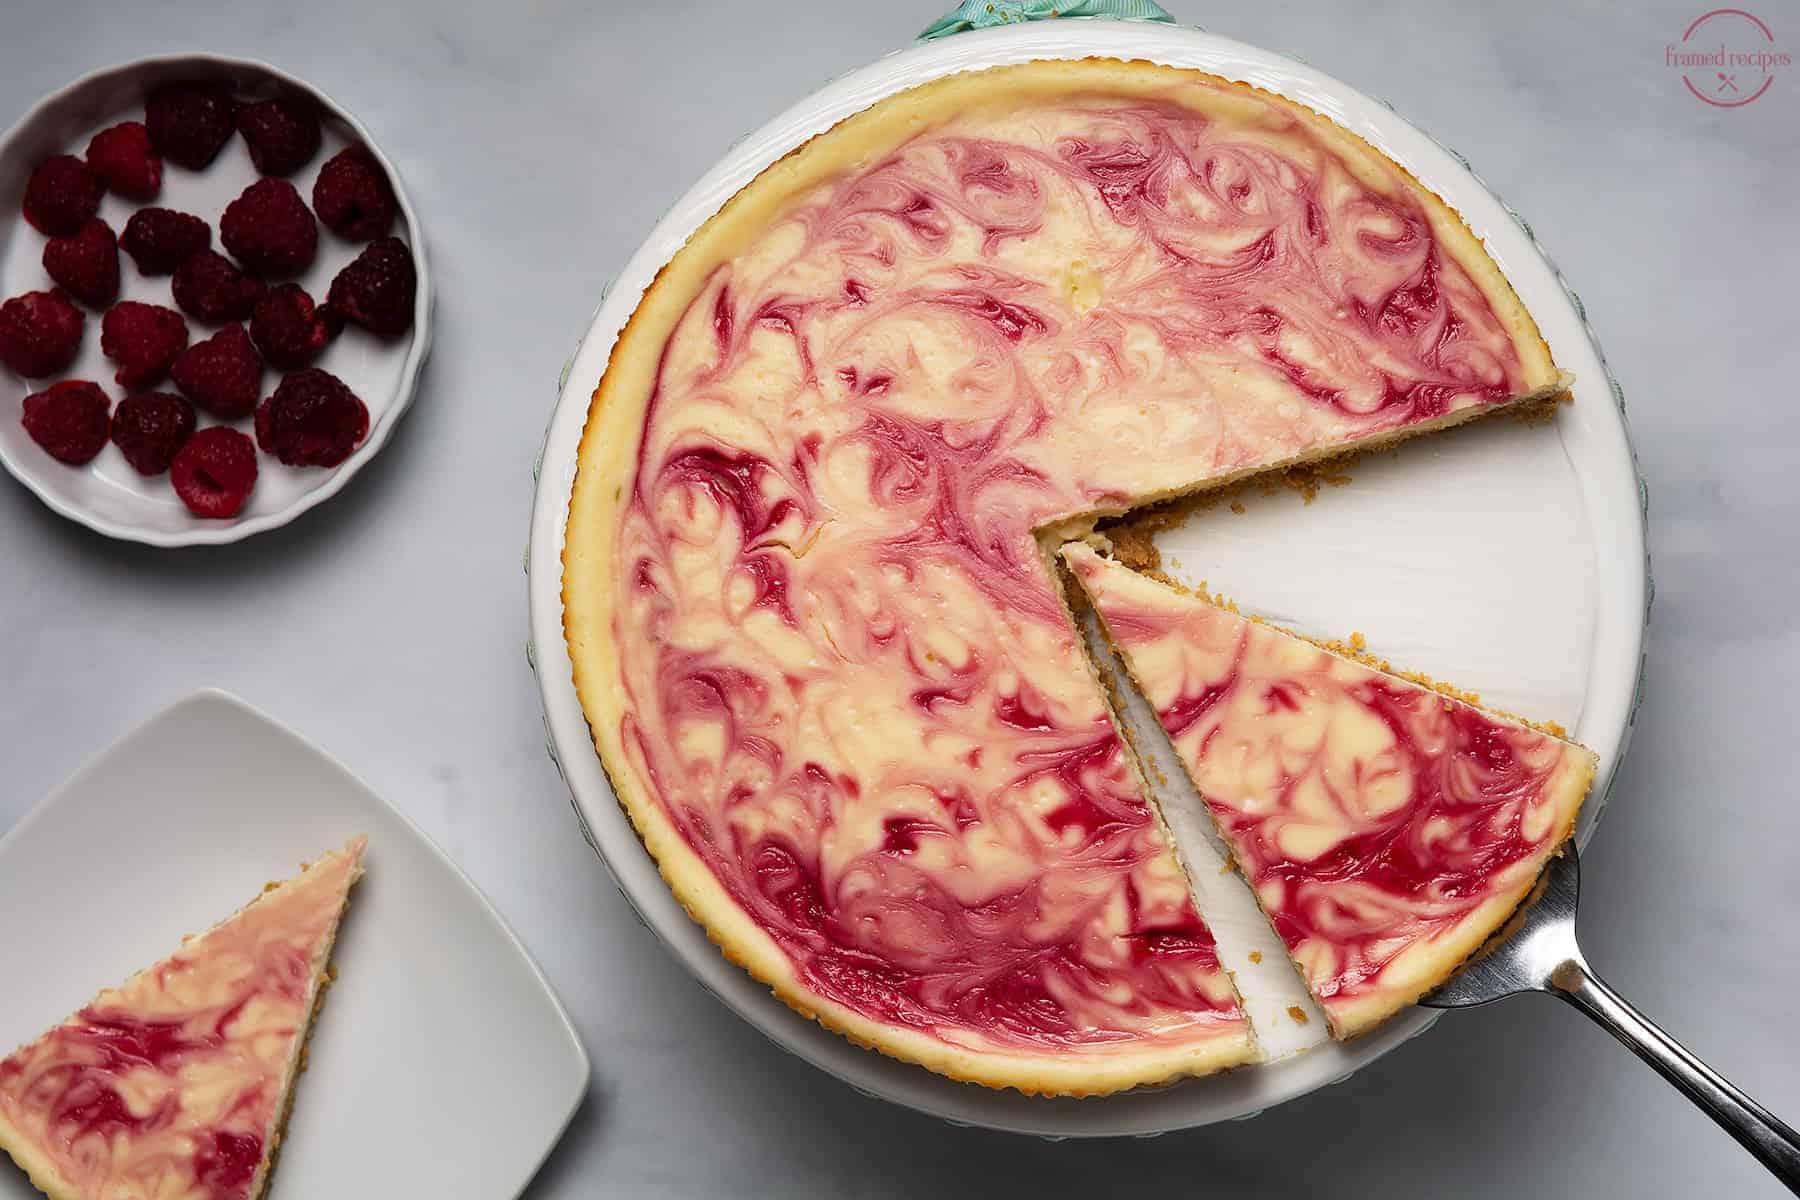 cheesecake with swirls